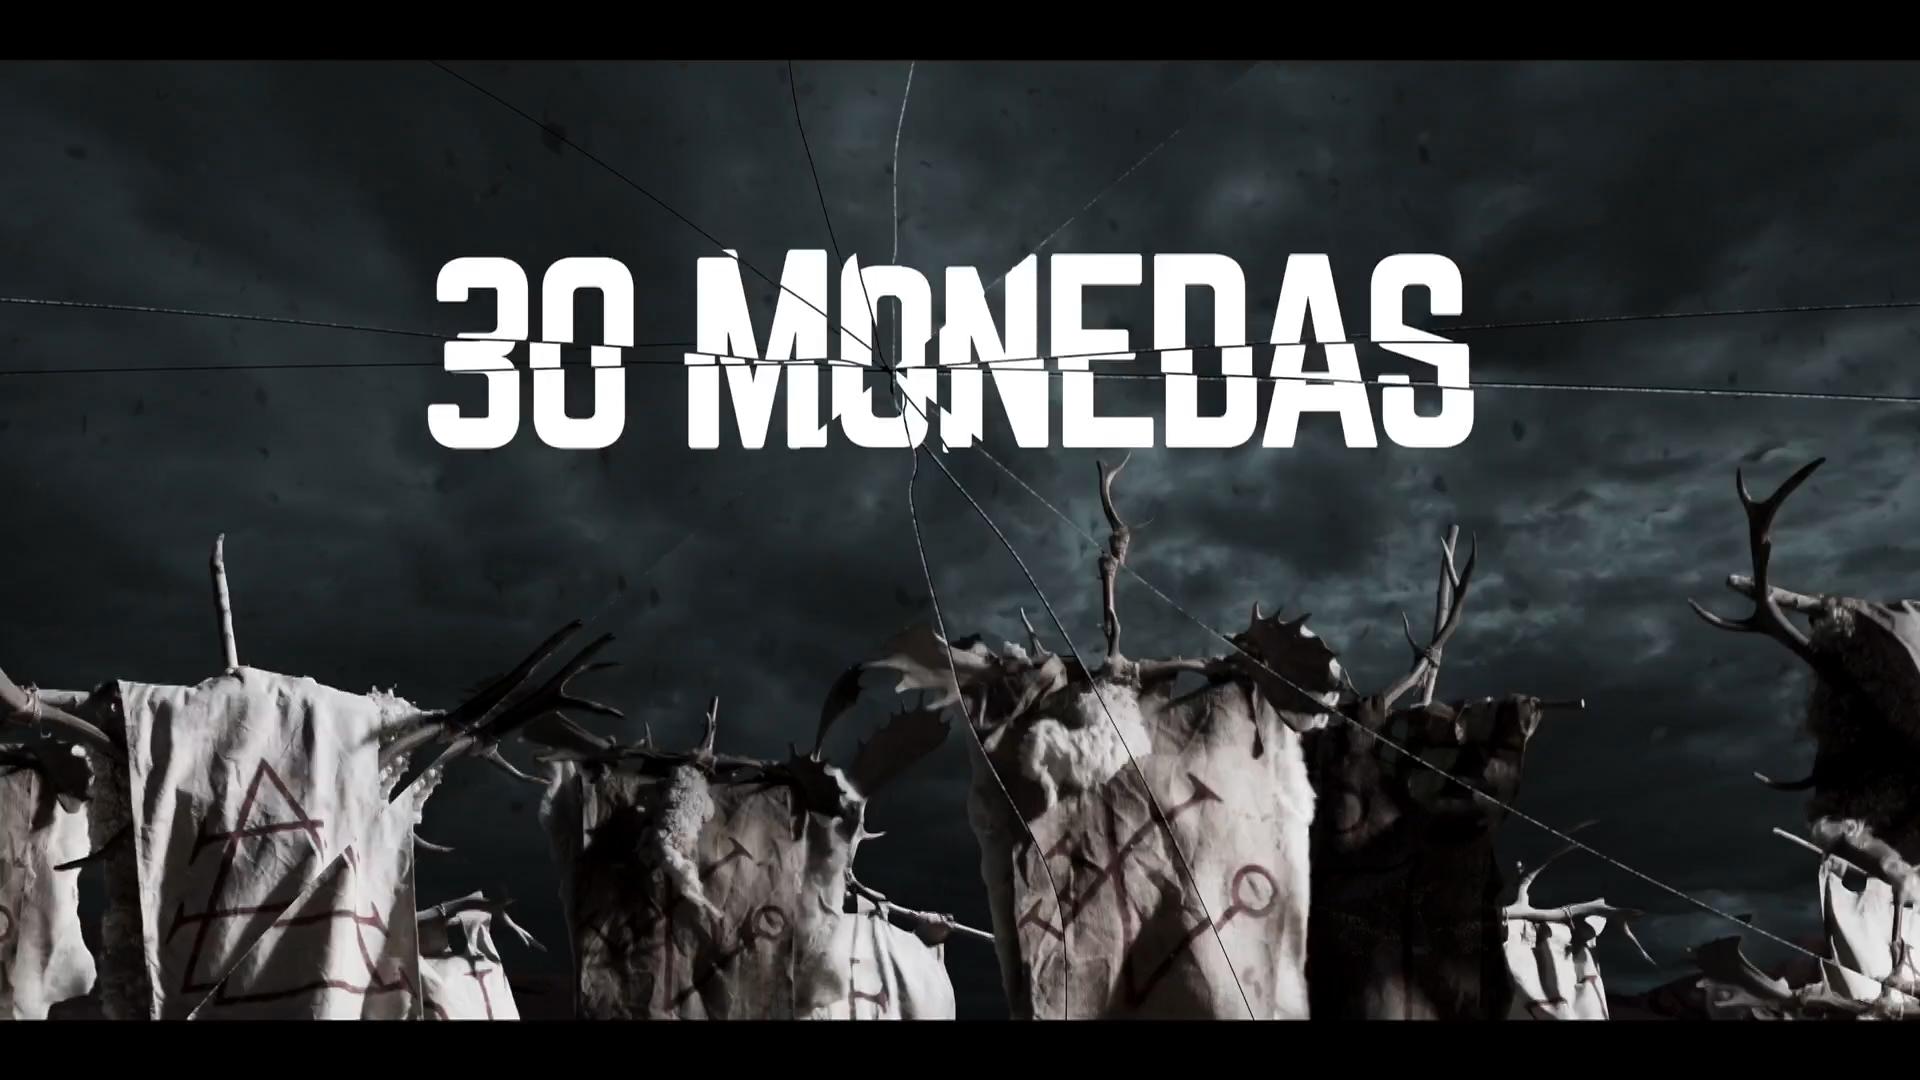 30 monedas (2020) 1080p WEB-DL